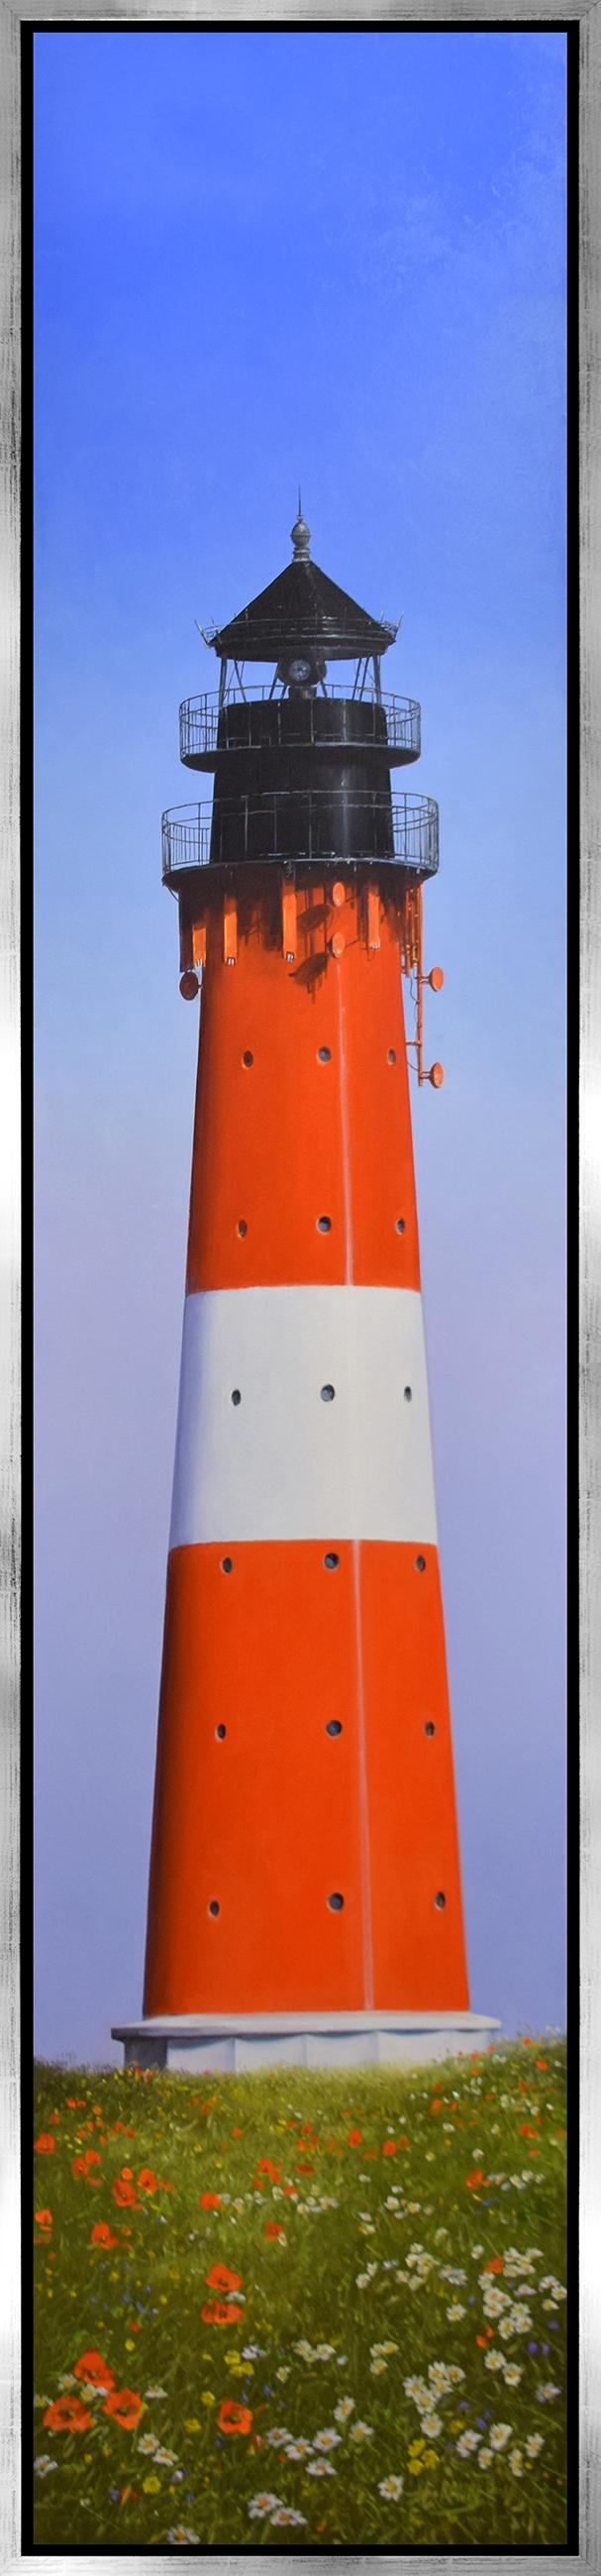 Detlef Rahn - Leuchtturm Hörnum, Sylt , 7838-006-062